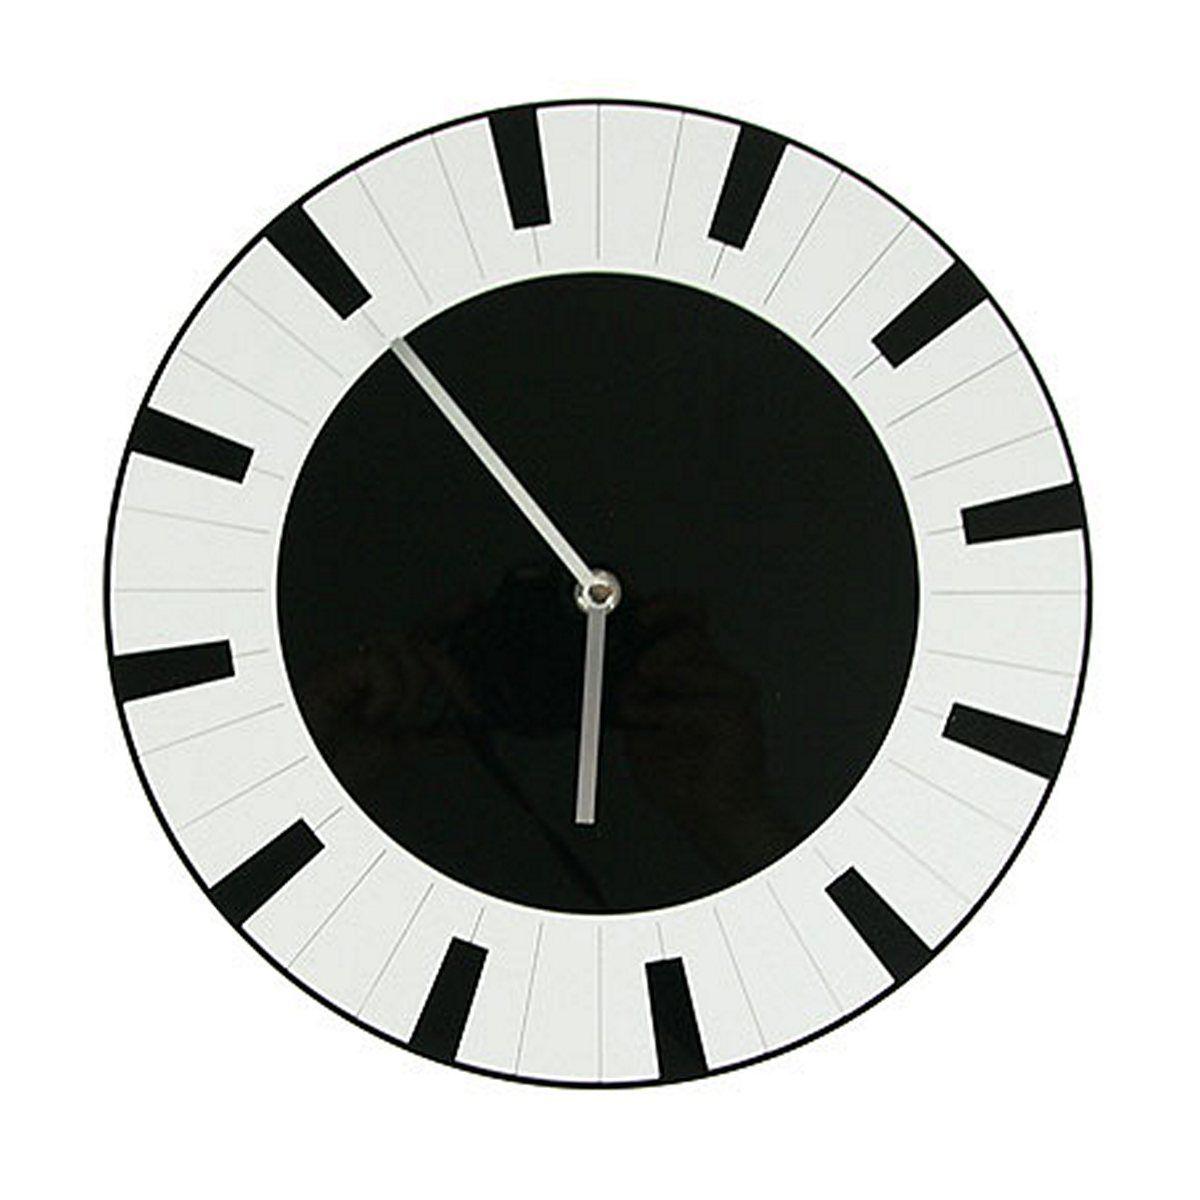 Часы настенные Русские Подарки, диаметр 30 см. 12241994672Настенные кварцевые часы Русские Подарки изготовлены из полиамида. Часы имеют две стрелки - часовую и минутную. С обратной стороны имеетсяпетелька для подвешивания на стену.Изящные часы красиво и оригинально оформят интерьер дома или офиса. Также часы могут стать уникальным, полезным подарком для родственников, коллег, знакомых и близких.Часы работают от батареек типа АА (в комплект не входят).